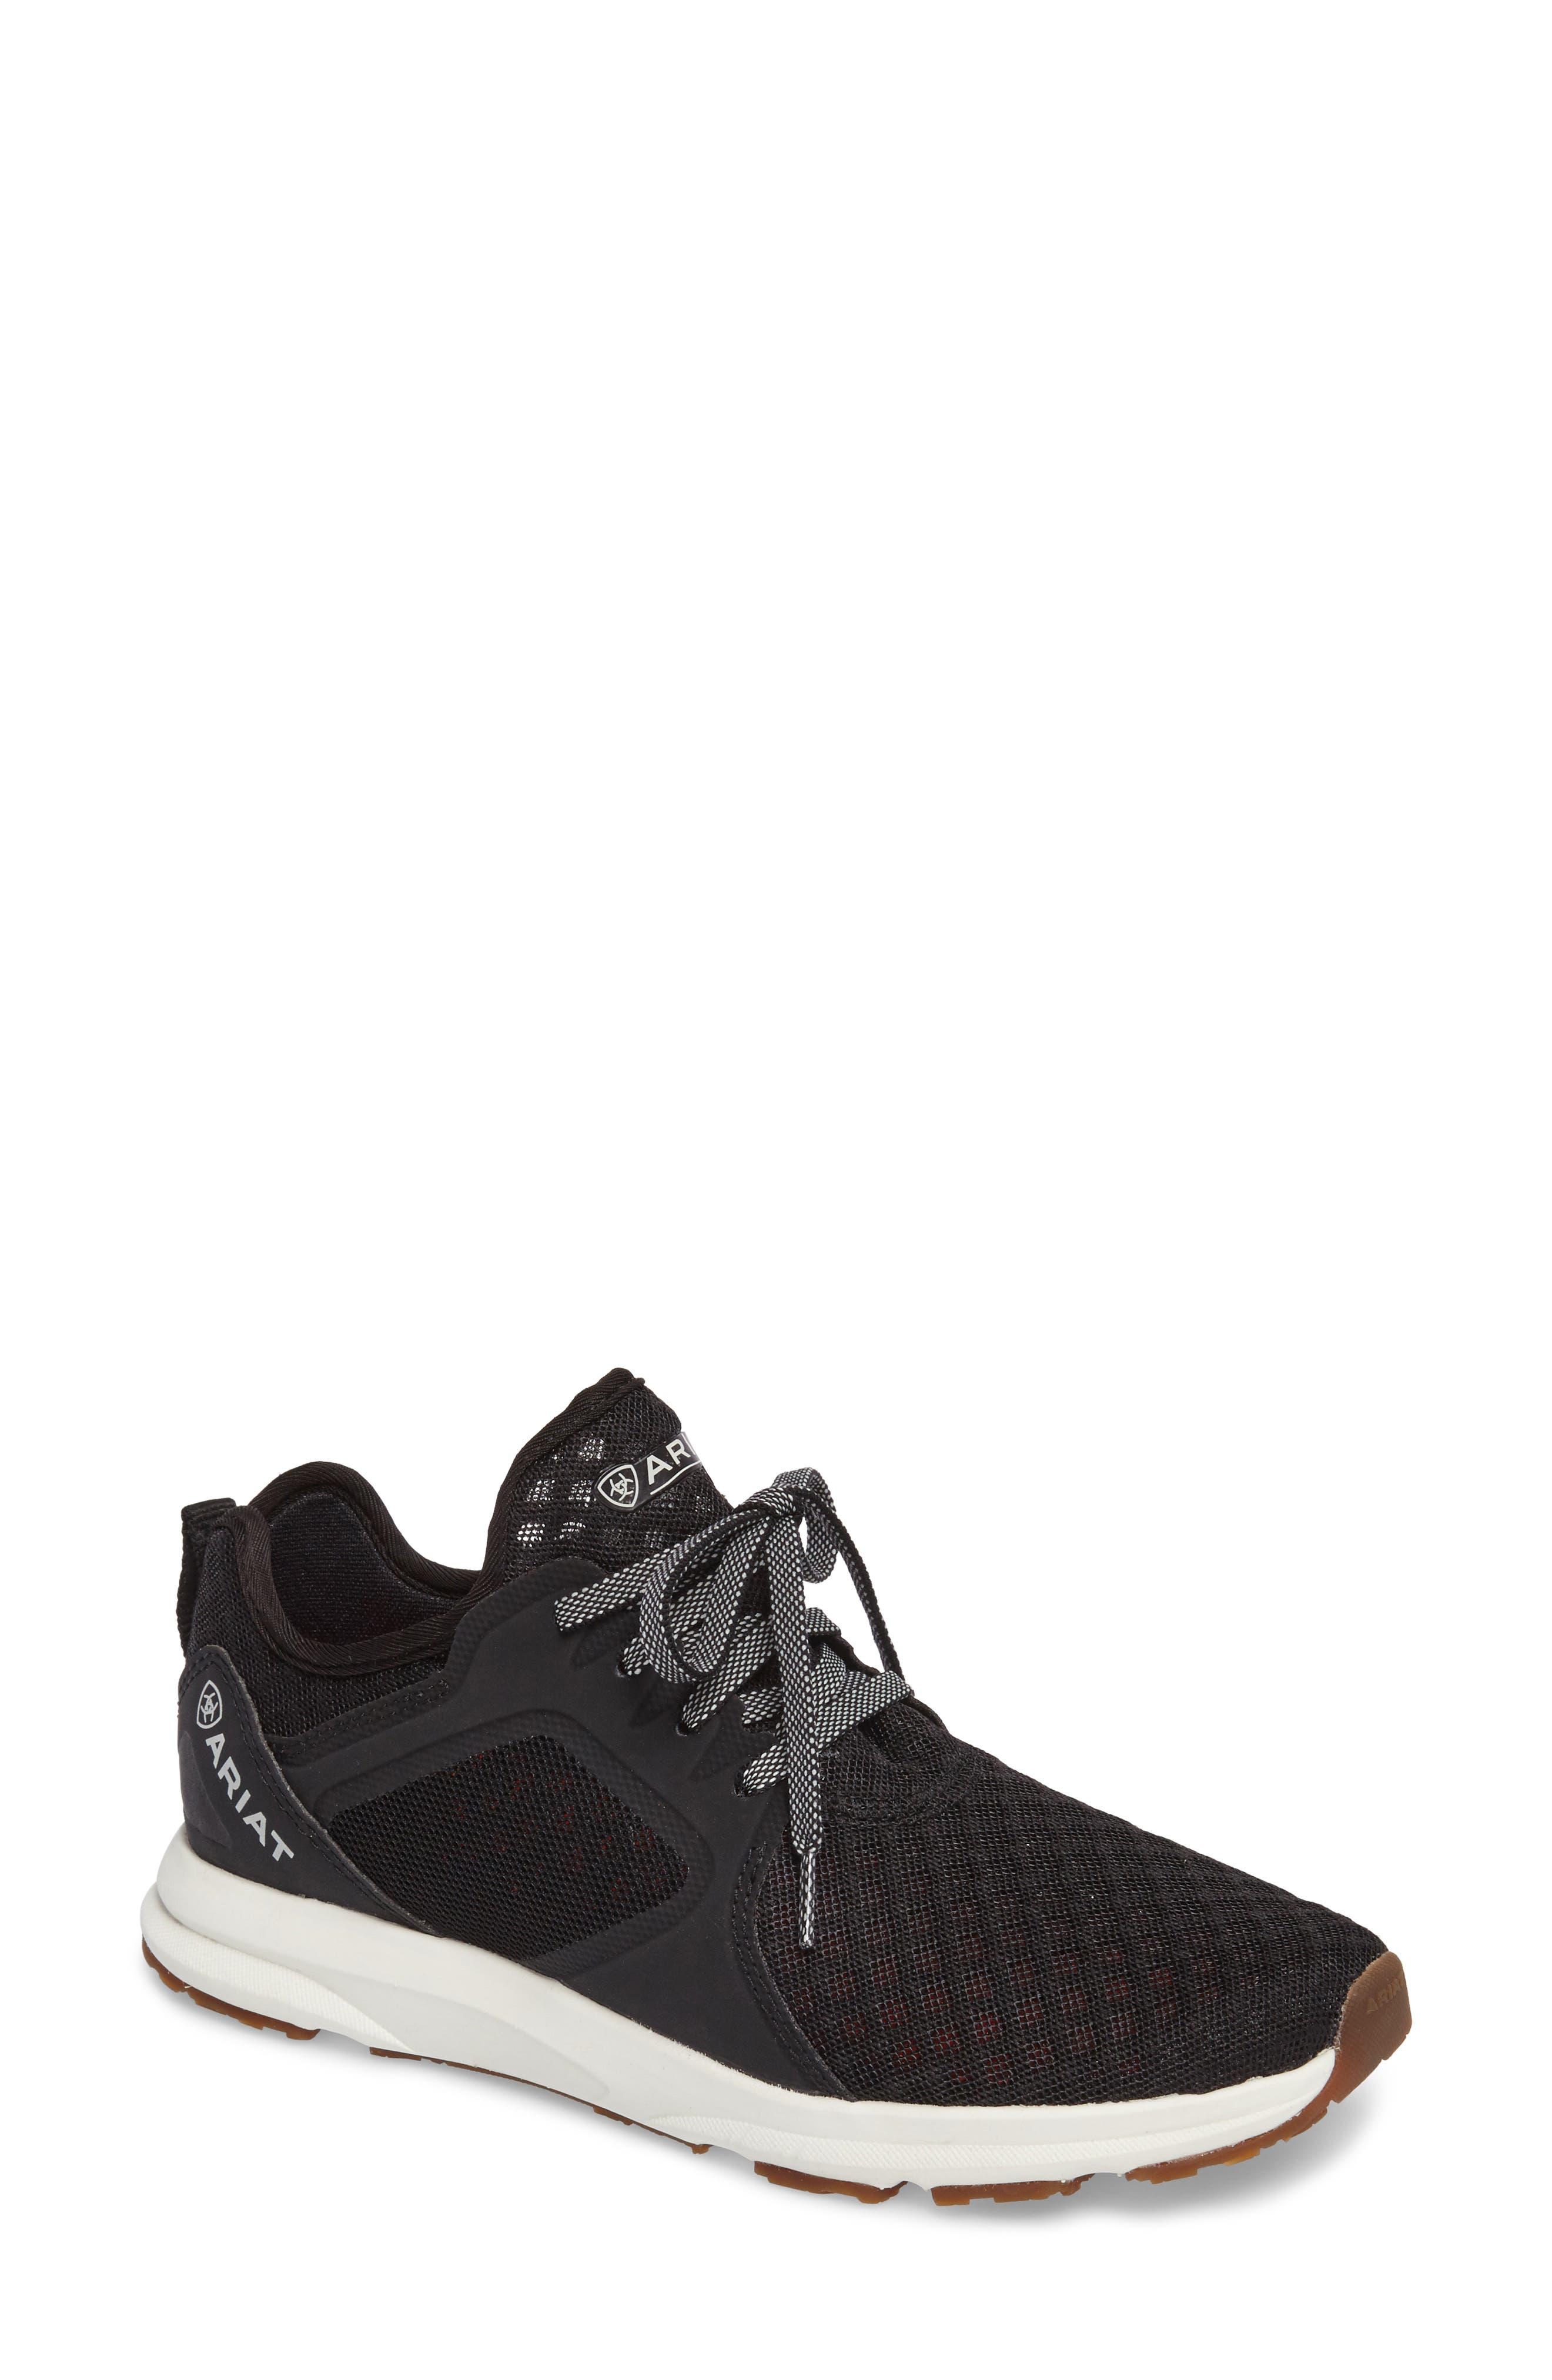 Fuse Sneaker,                         Main,                         color, Black Mesh